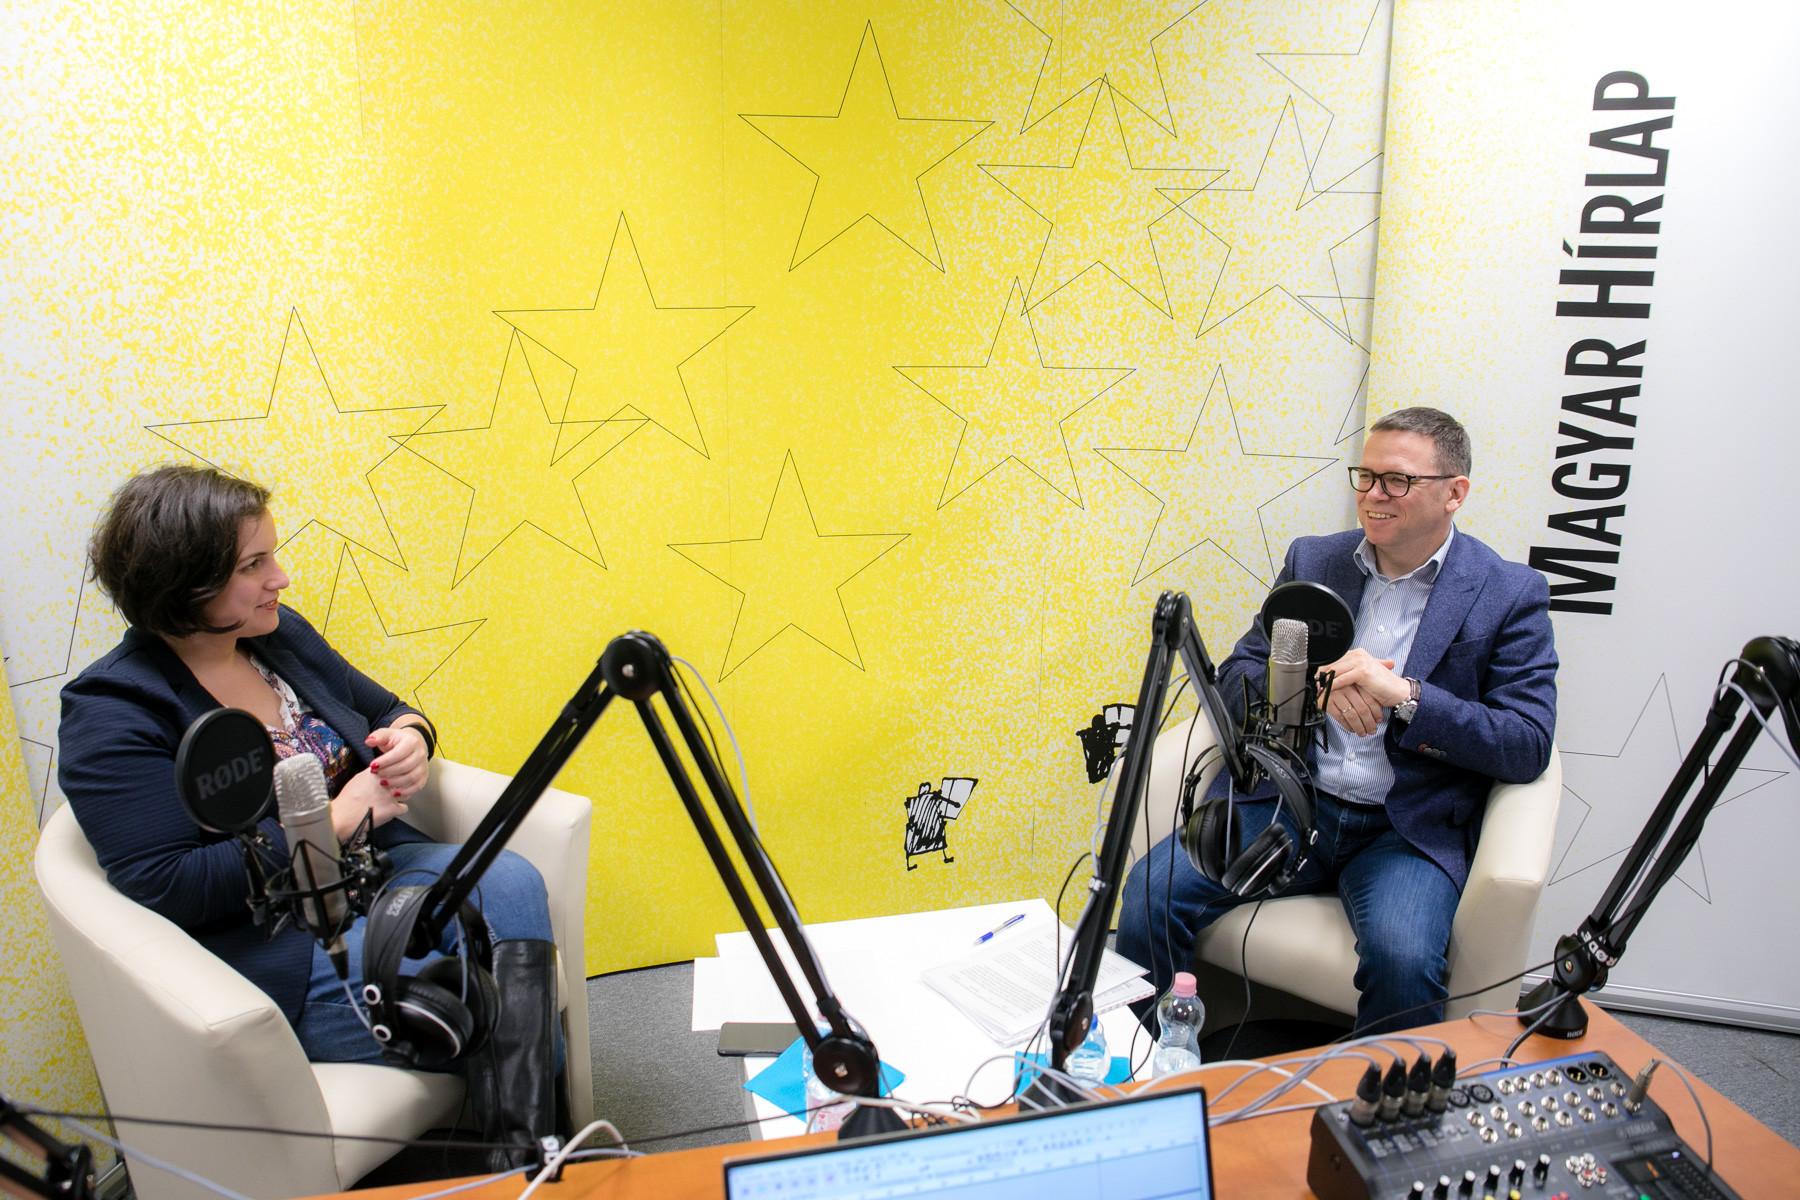 Lapunk főmunkatársa, Őry Mariann és Fürjes Balázs, a Miniszterelnökség Budapest és a fővárosi agglomeráció fejlesztéséért felelős államtitkára a Faktum felvételén